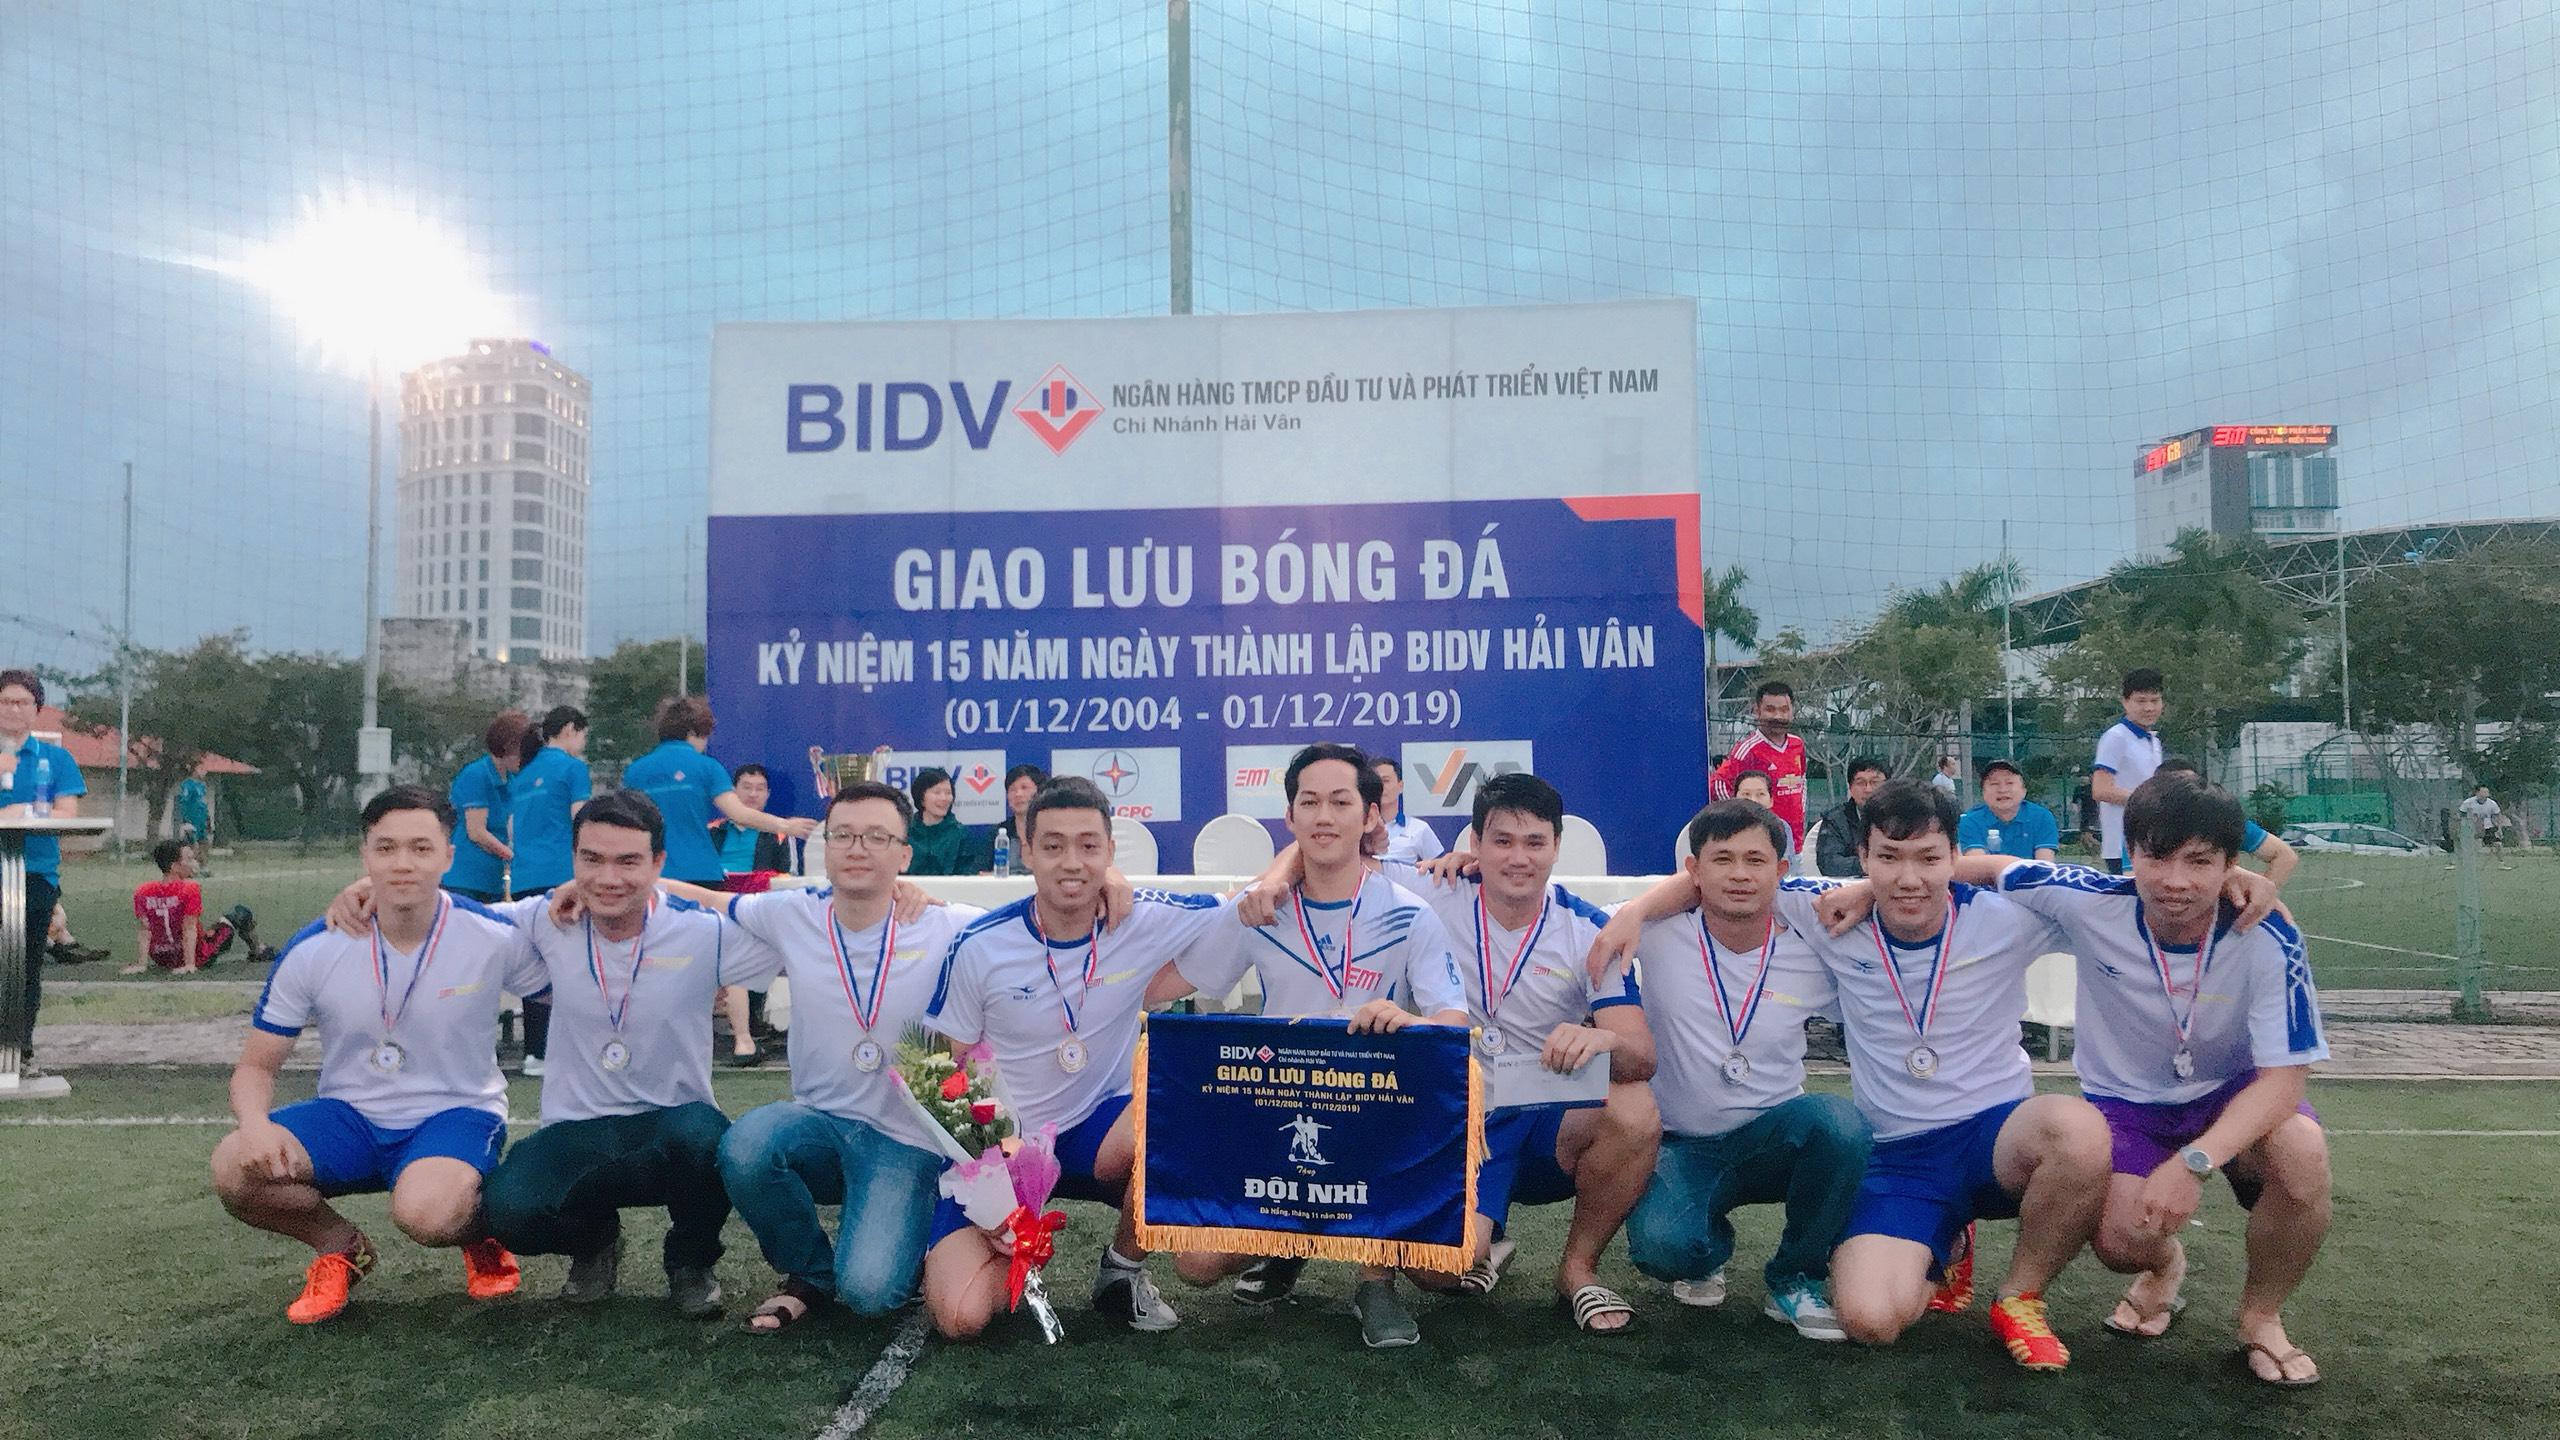 DMT GROUP - Đạt Giải Nhì giải bóng đá giao lưu nhân dịp kỷ niệm thành lập BIDV Hải Vân